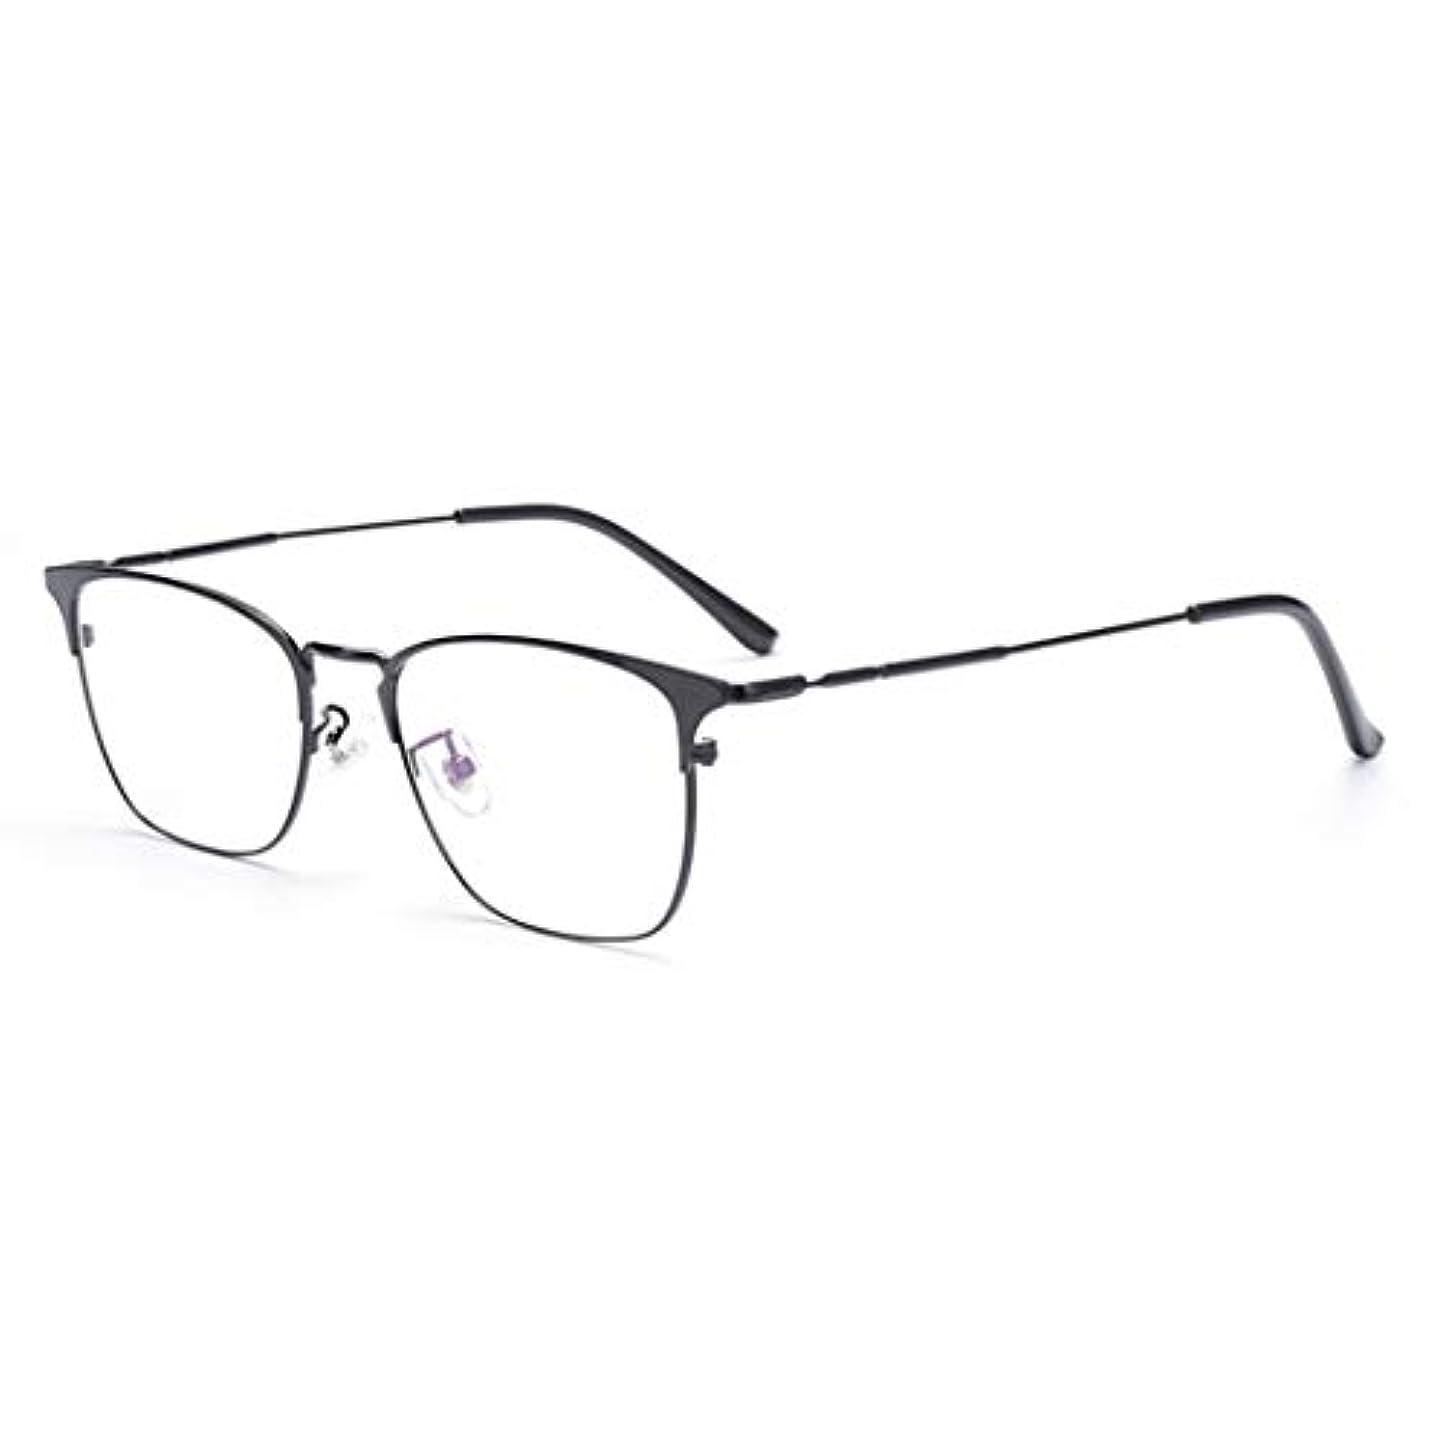 おっと不適当手入れ老眼鏡変色、ブルーライトカットメガネ 視力保護 目の疲れを緩、プログレッシブマルチフォーカス、慰安ファッション品質読者